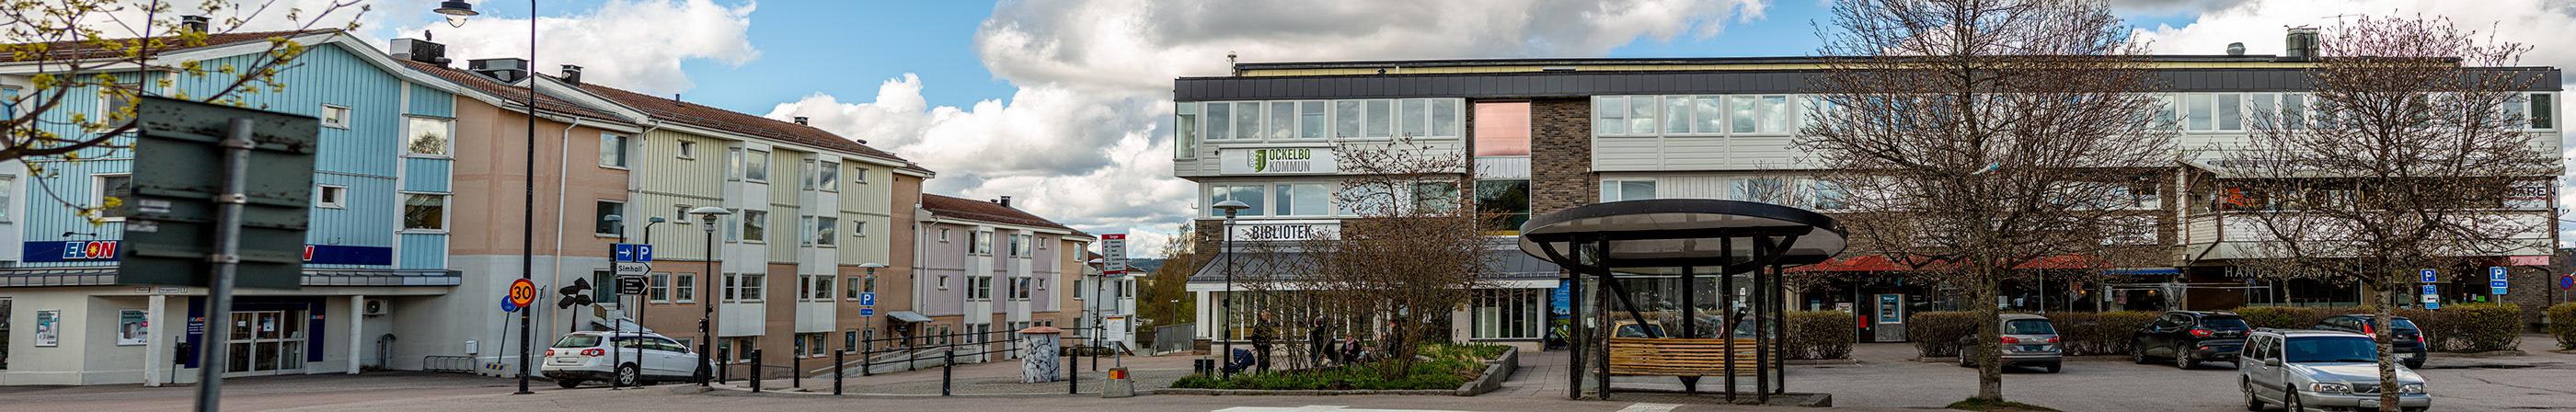 Gaffel - Nordiska museet / DigitaltMuseum